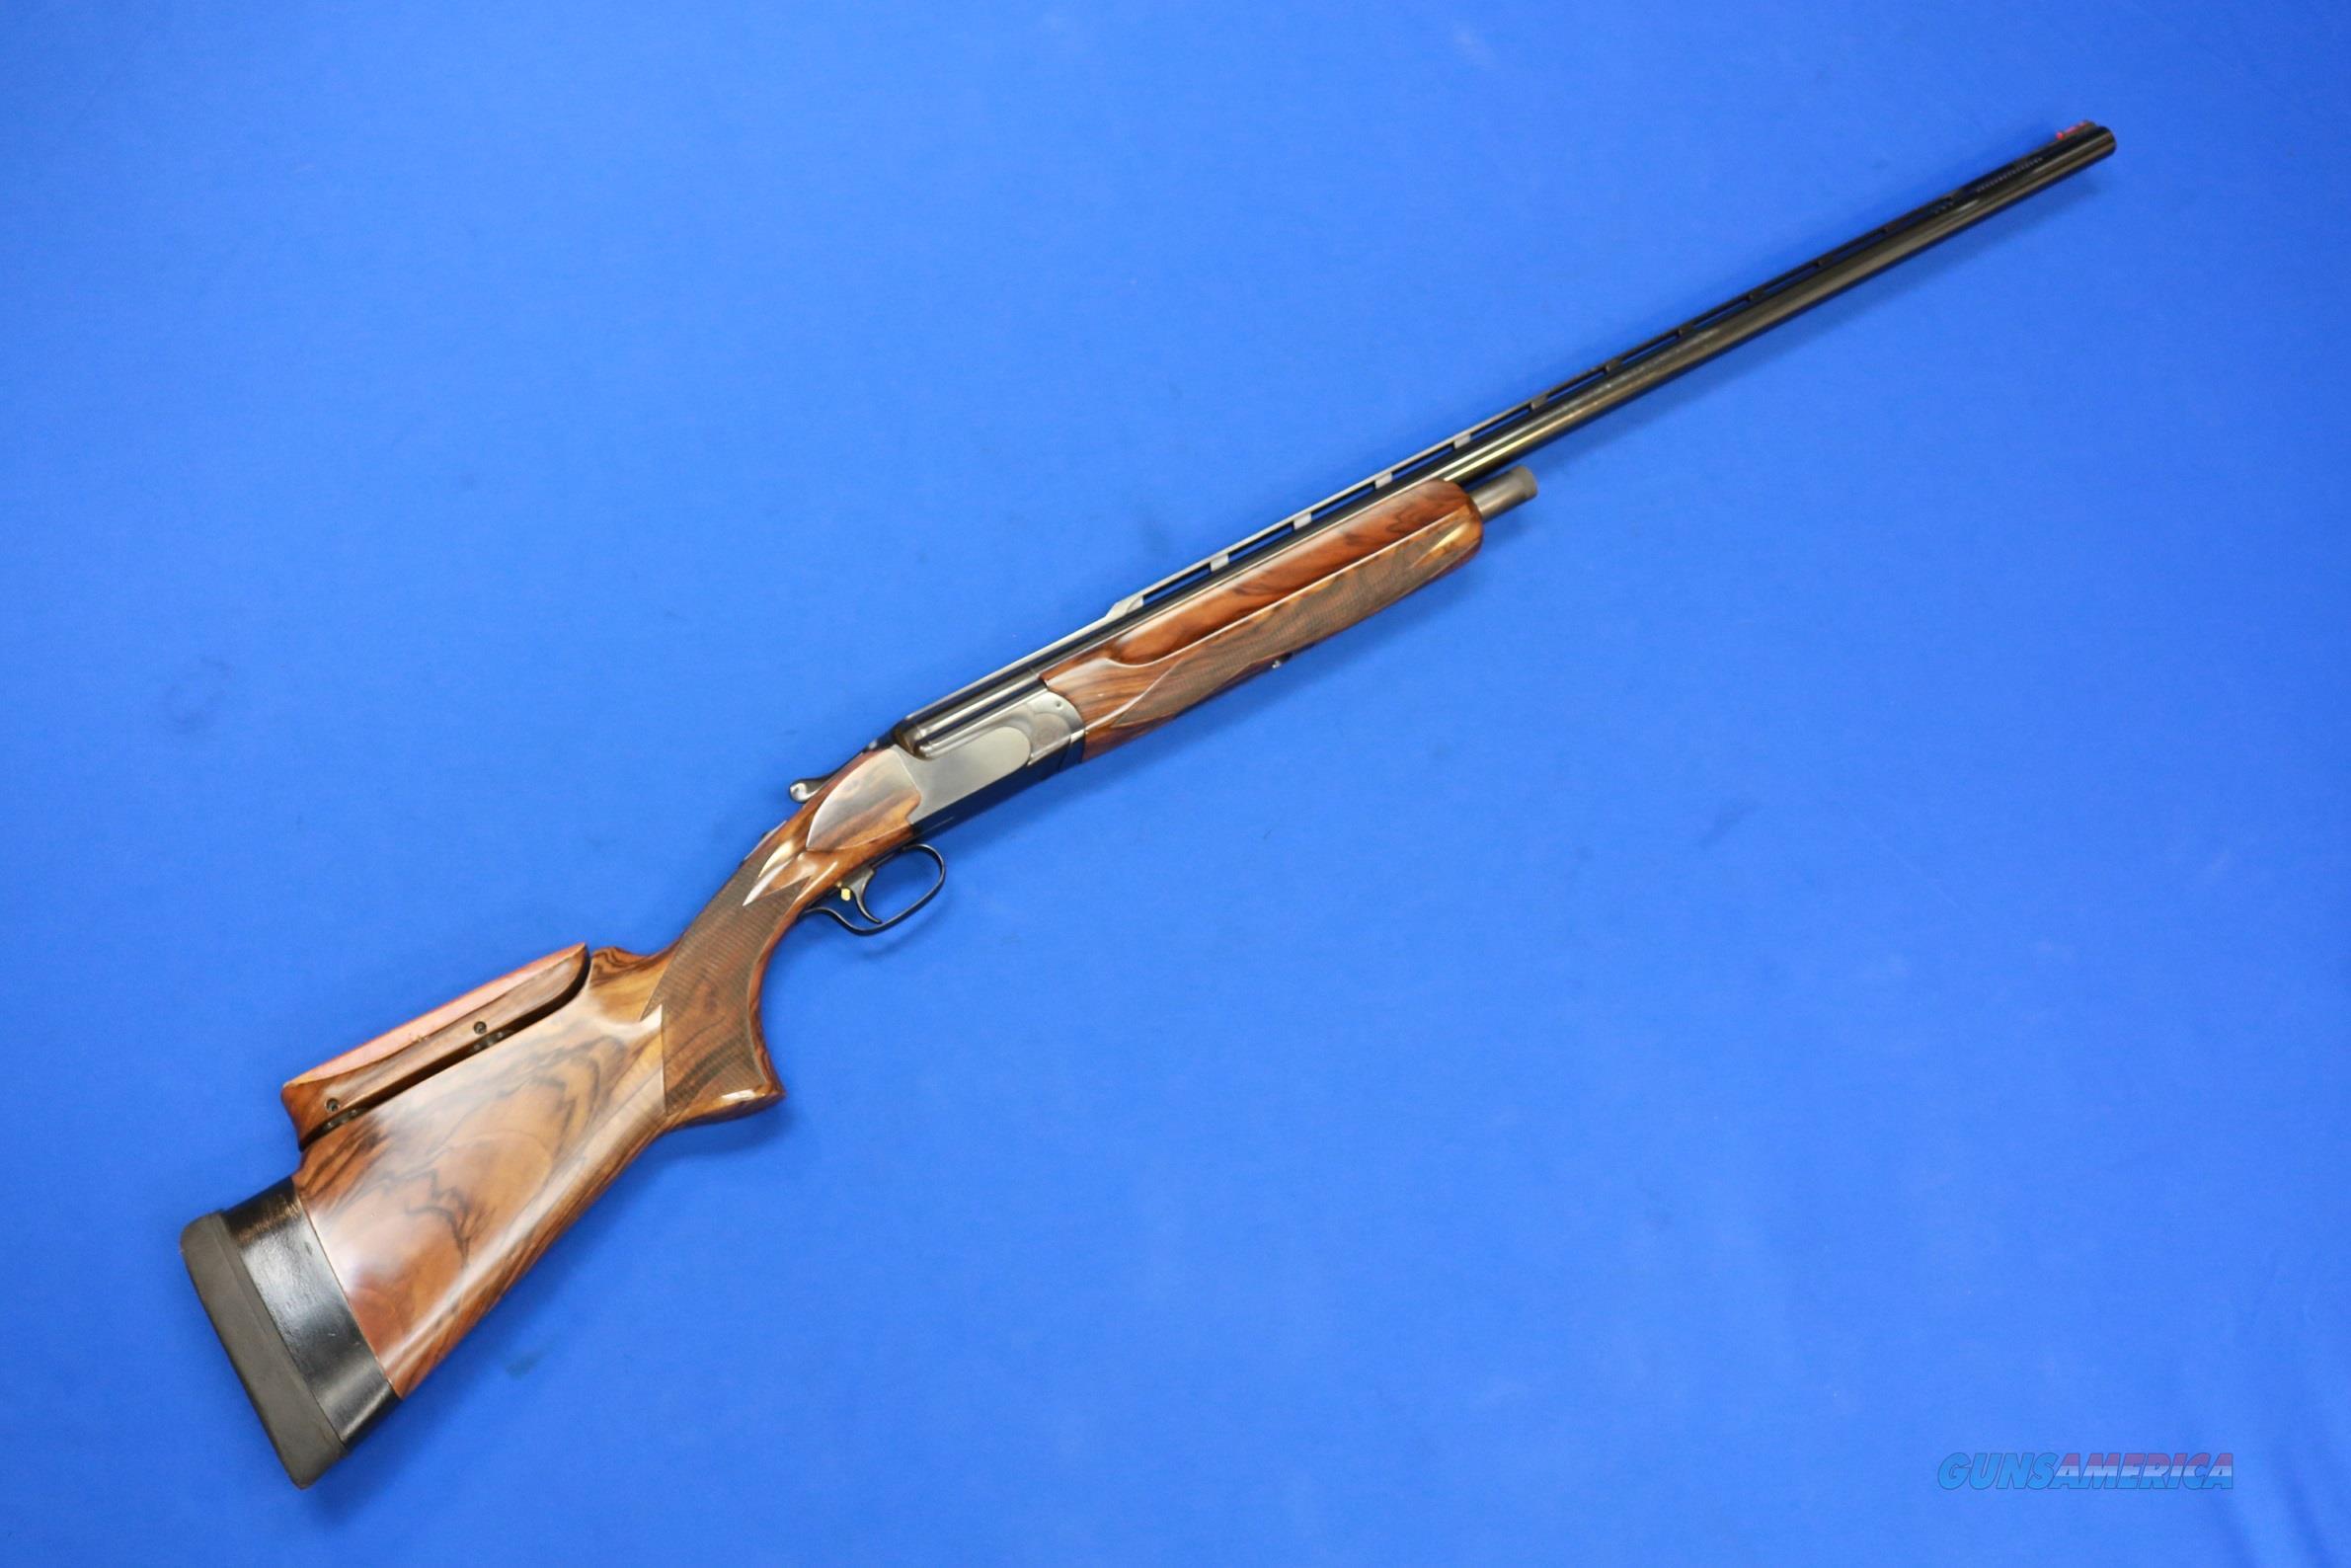 PERAZZI MX8 SPECIAL 12 GAUGE 2-BARREL SET  Guns > Shotguns > Perazzi Shotguns